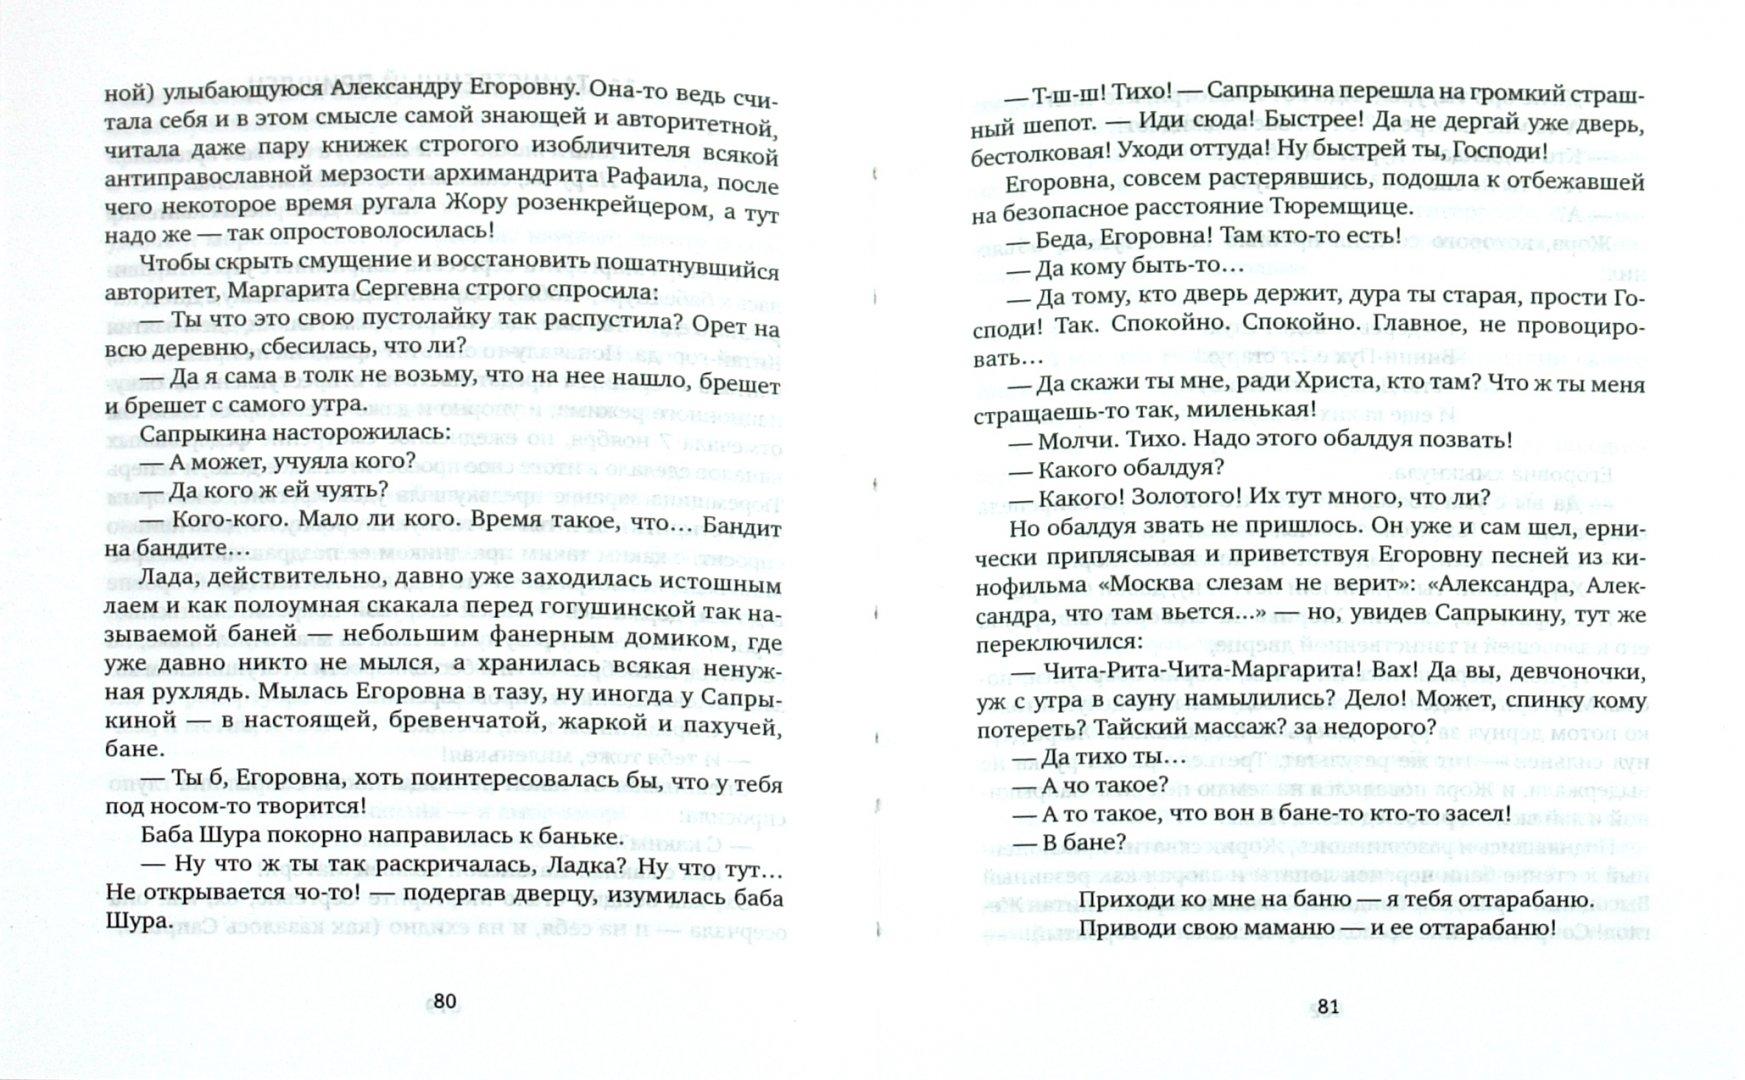 Иллюстрация 1 из 3 для Лада, или Радость. Хроника верной и счастливой любви - Тимур Кибиров   Лабиринт - книги. Источник: Лабиринт